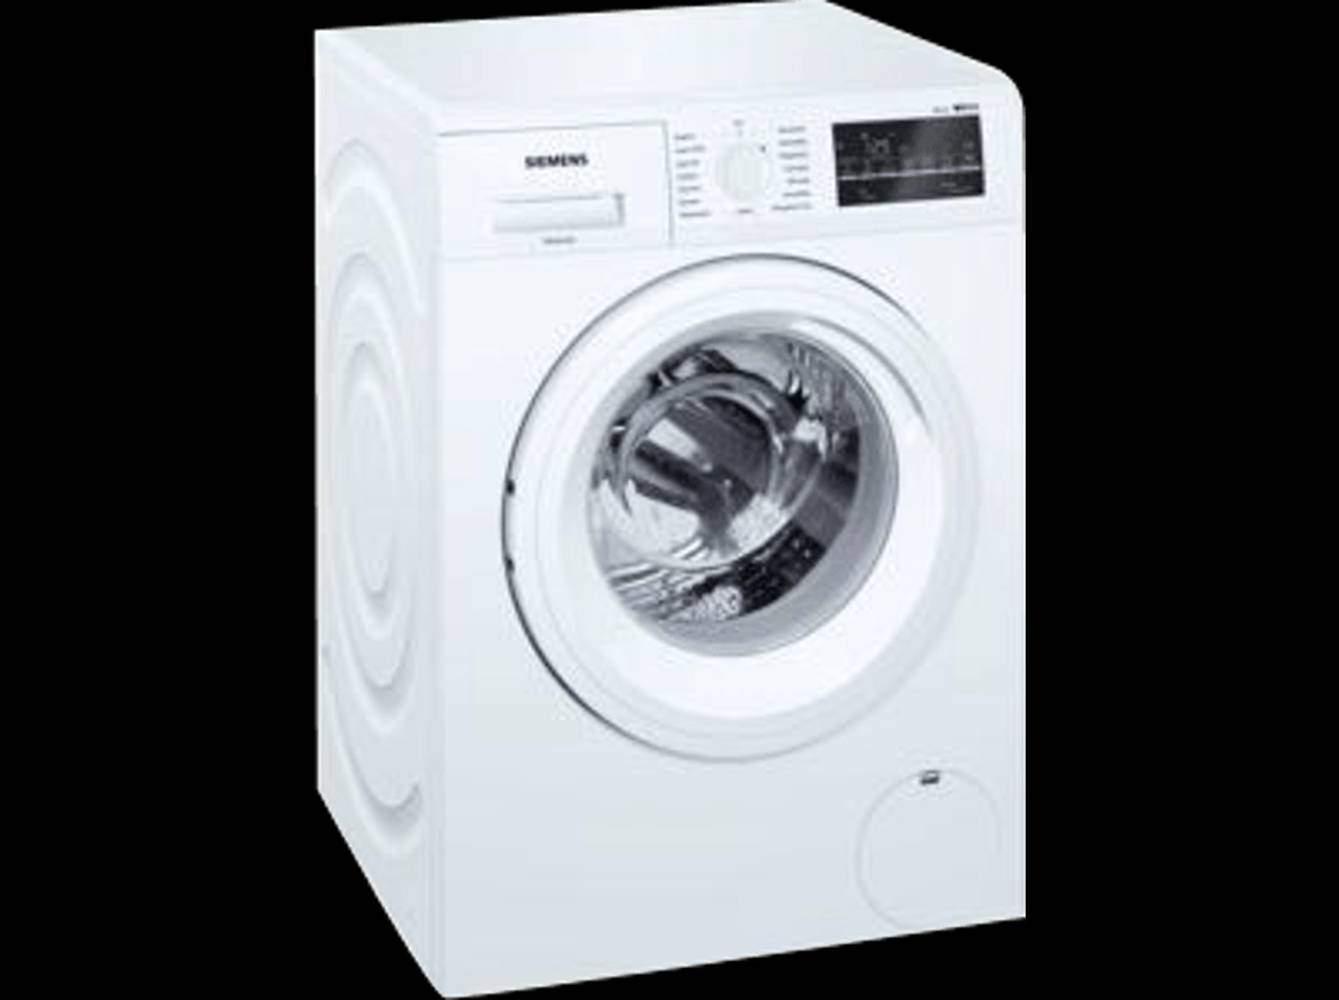 Waschmaschinenschrank Für 2 Maschinen : Siemens wm14t4b2 waschmaschine im test 07 2018